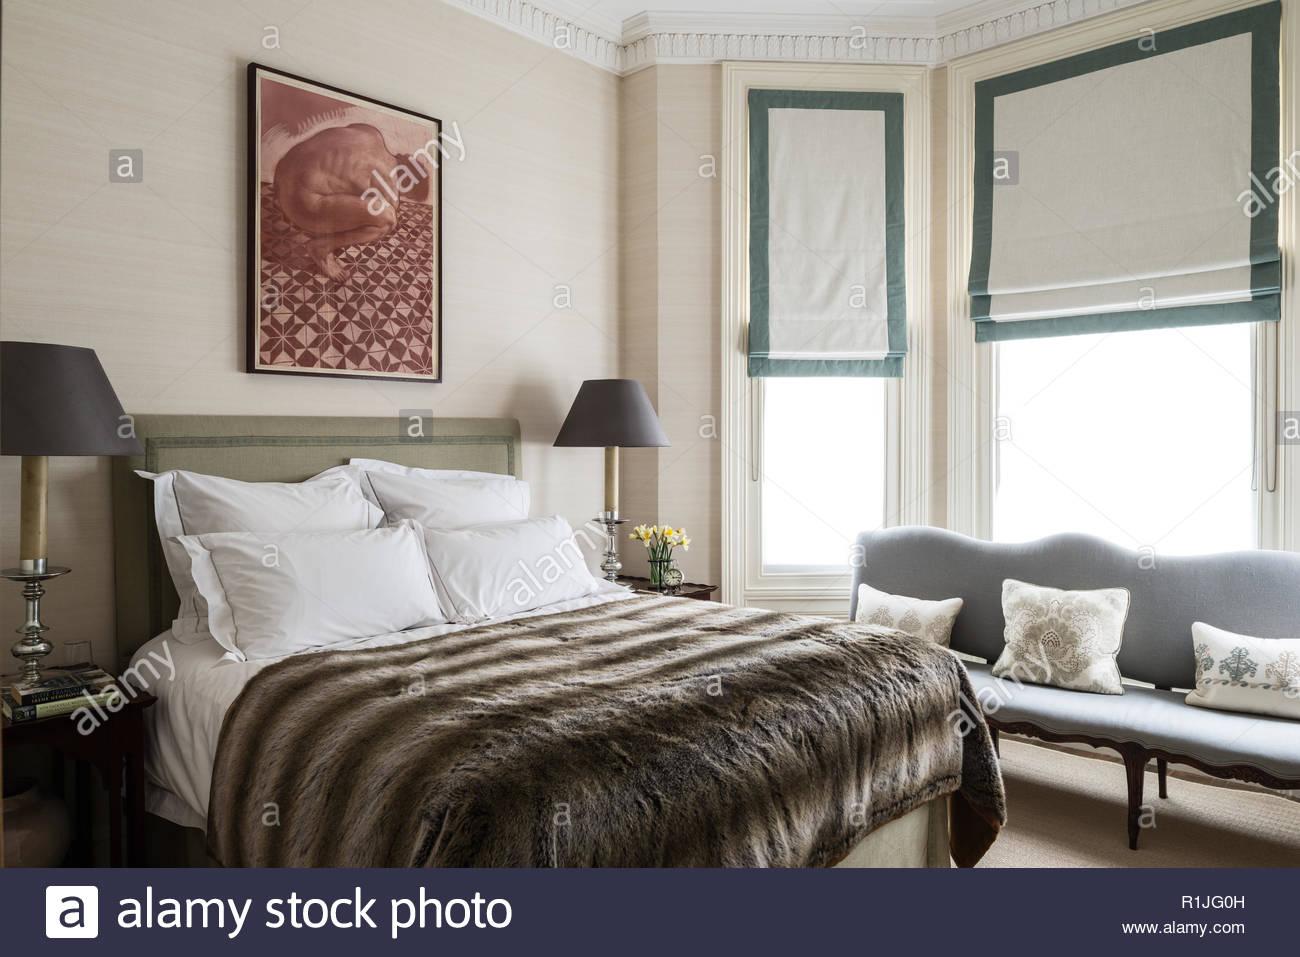 Chambre à coucher style pays couverture fourrure Photo Stock